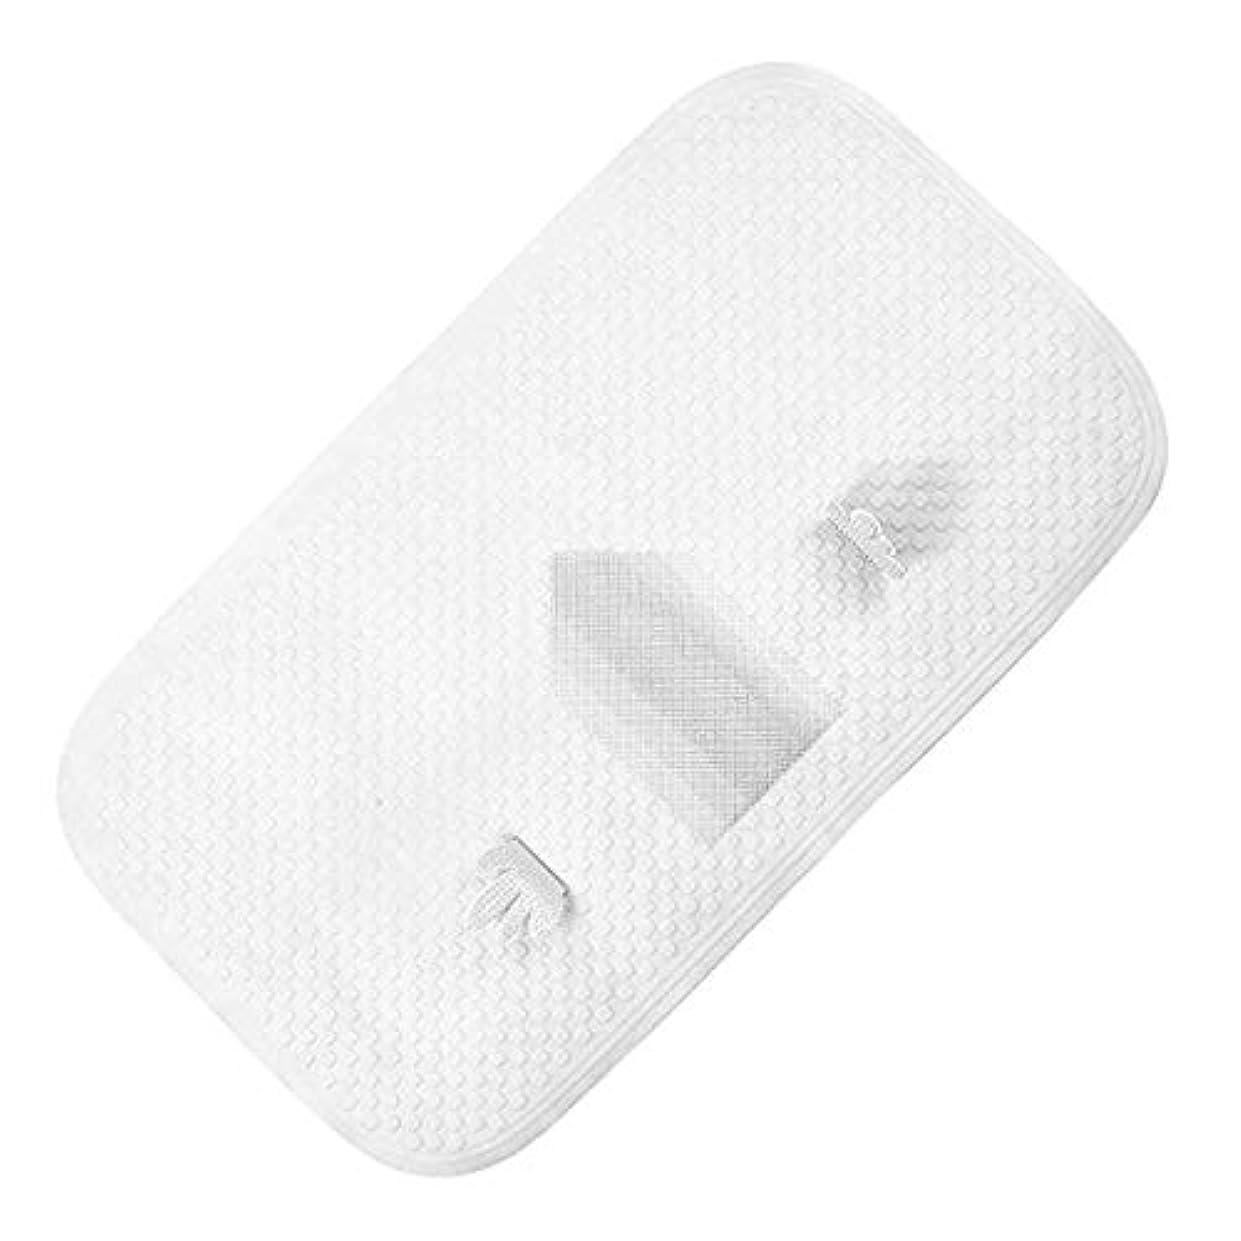 再び懐疑的容赦ないJhua 滑り止めバスタブマット、TPEフットマッサージバスマット、浴室用抗菌防カビシャワーマット(白)